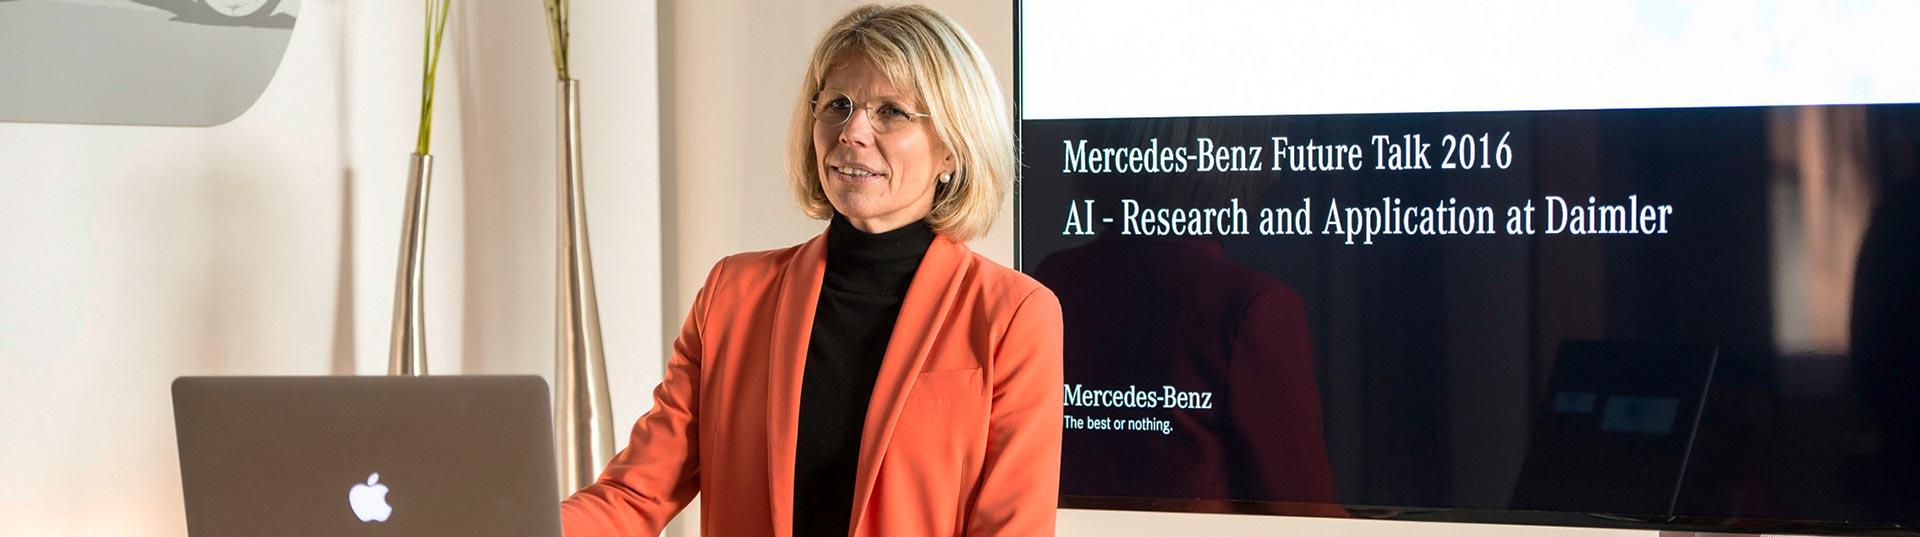 Anke Kleinschmit, diretora do Grupo de Pesquisa da Daimler